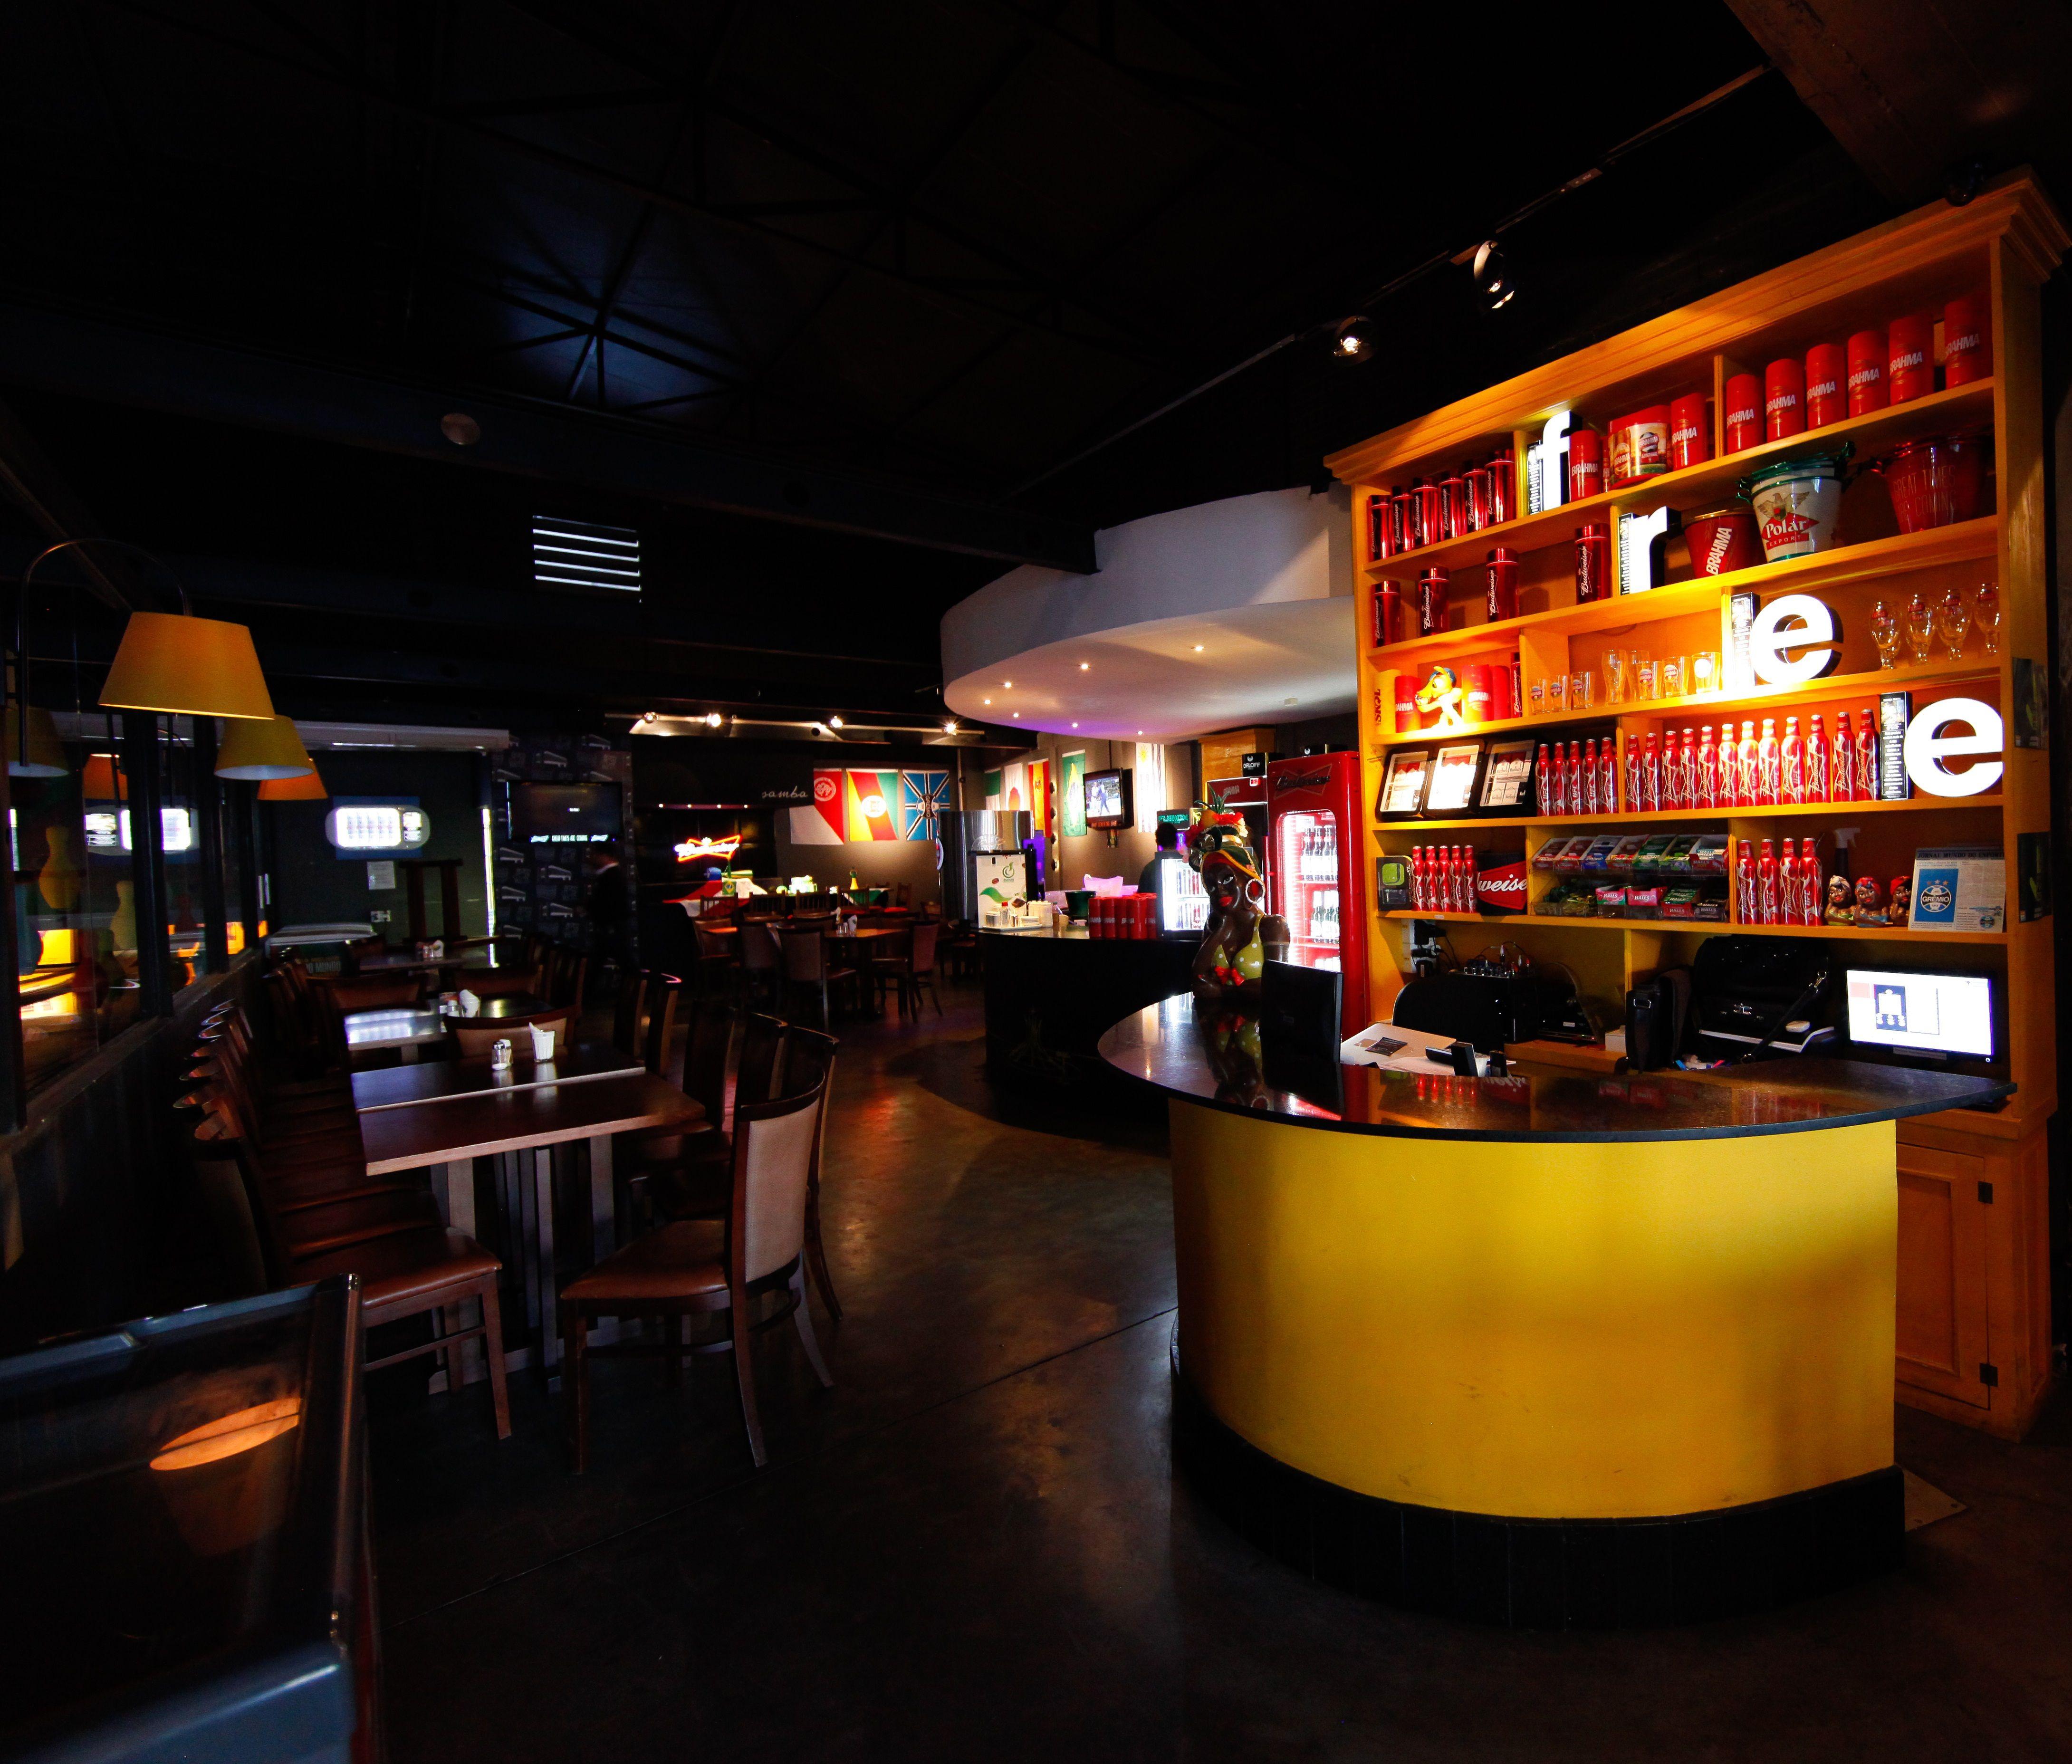 Bar e restaurante na Cidade Baixa/Porto Alegre-RS. Espaço aconchegante para um dos melhores happy hour da cidade, com iluminação intimista, parede, teto e piso em preto com destaque para o caixa em com a bancada circular em amarelo e grande expositor de bebidas.